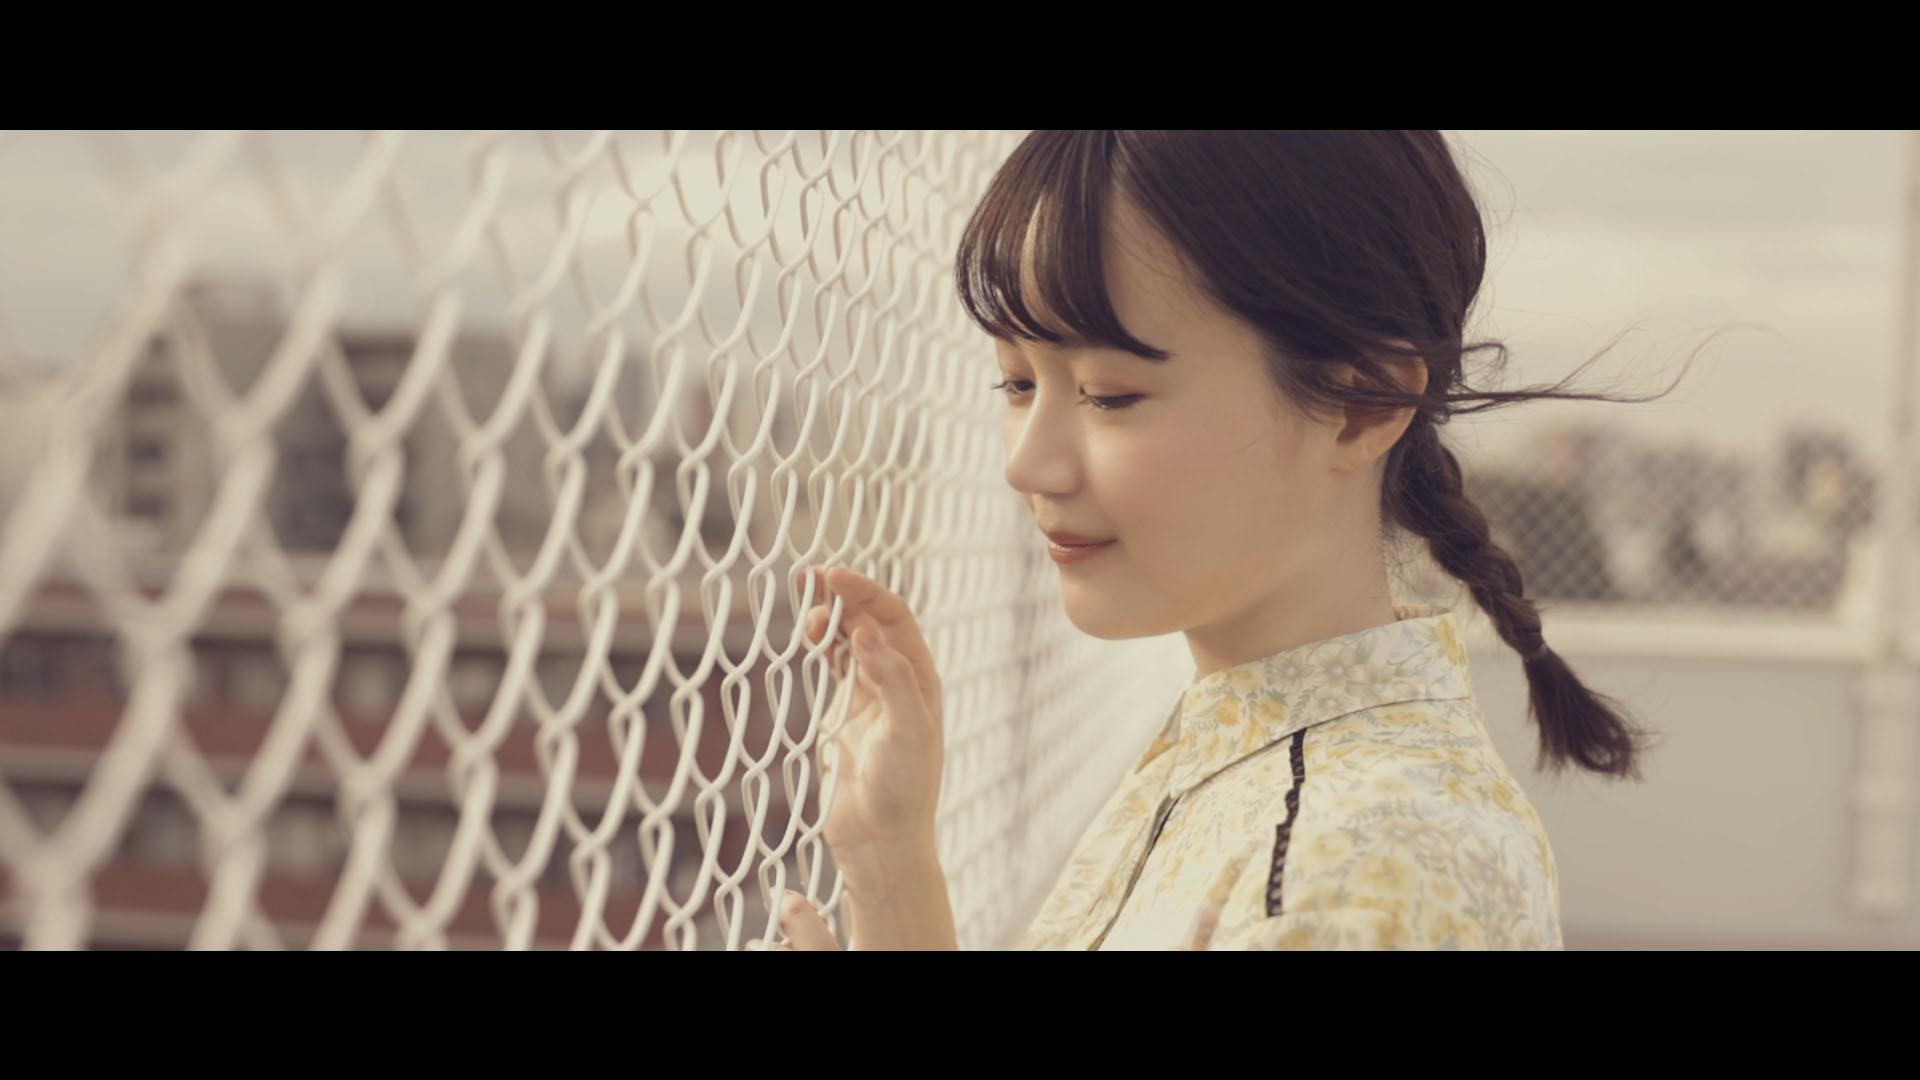 尾崎由香 -「Dream On ~遠い日のあの空~」MVより